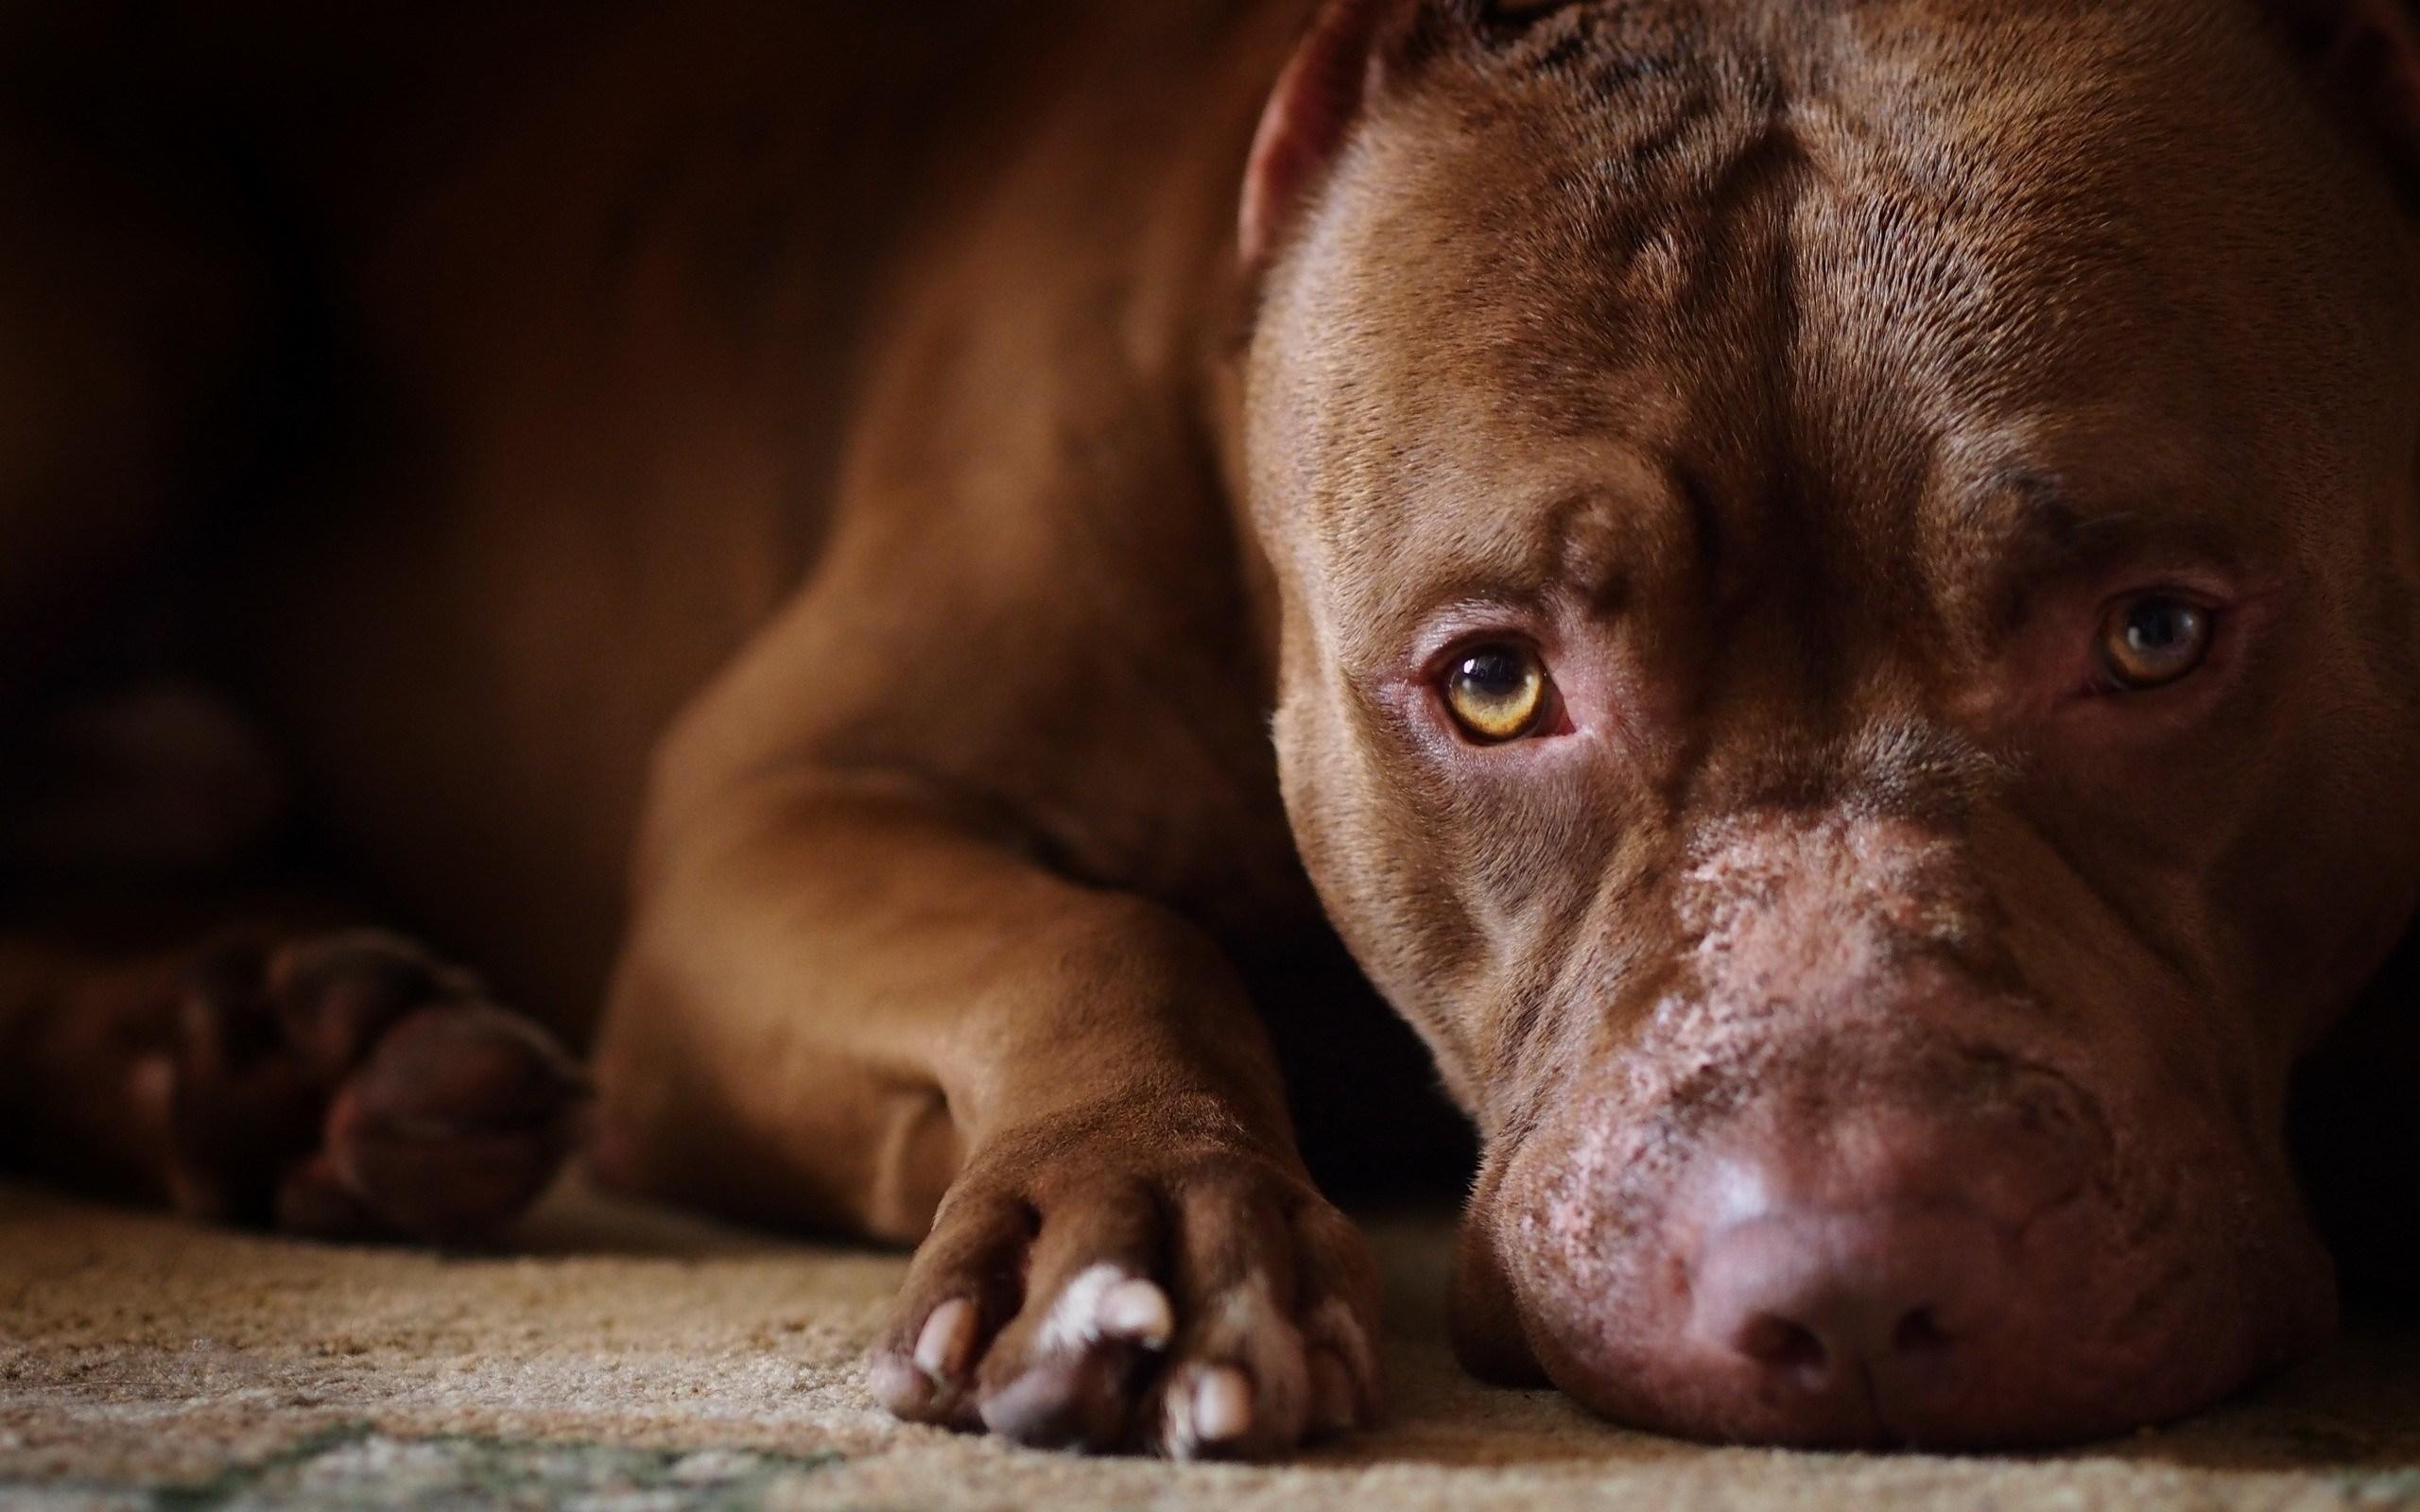 Close-Up Dog Look HD Wallpaper